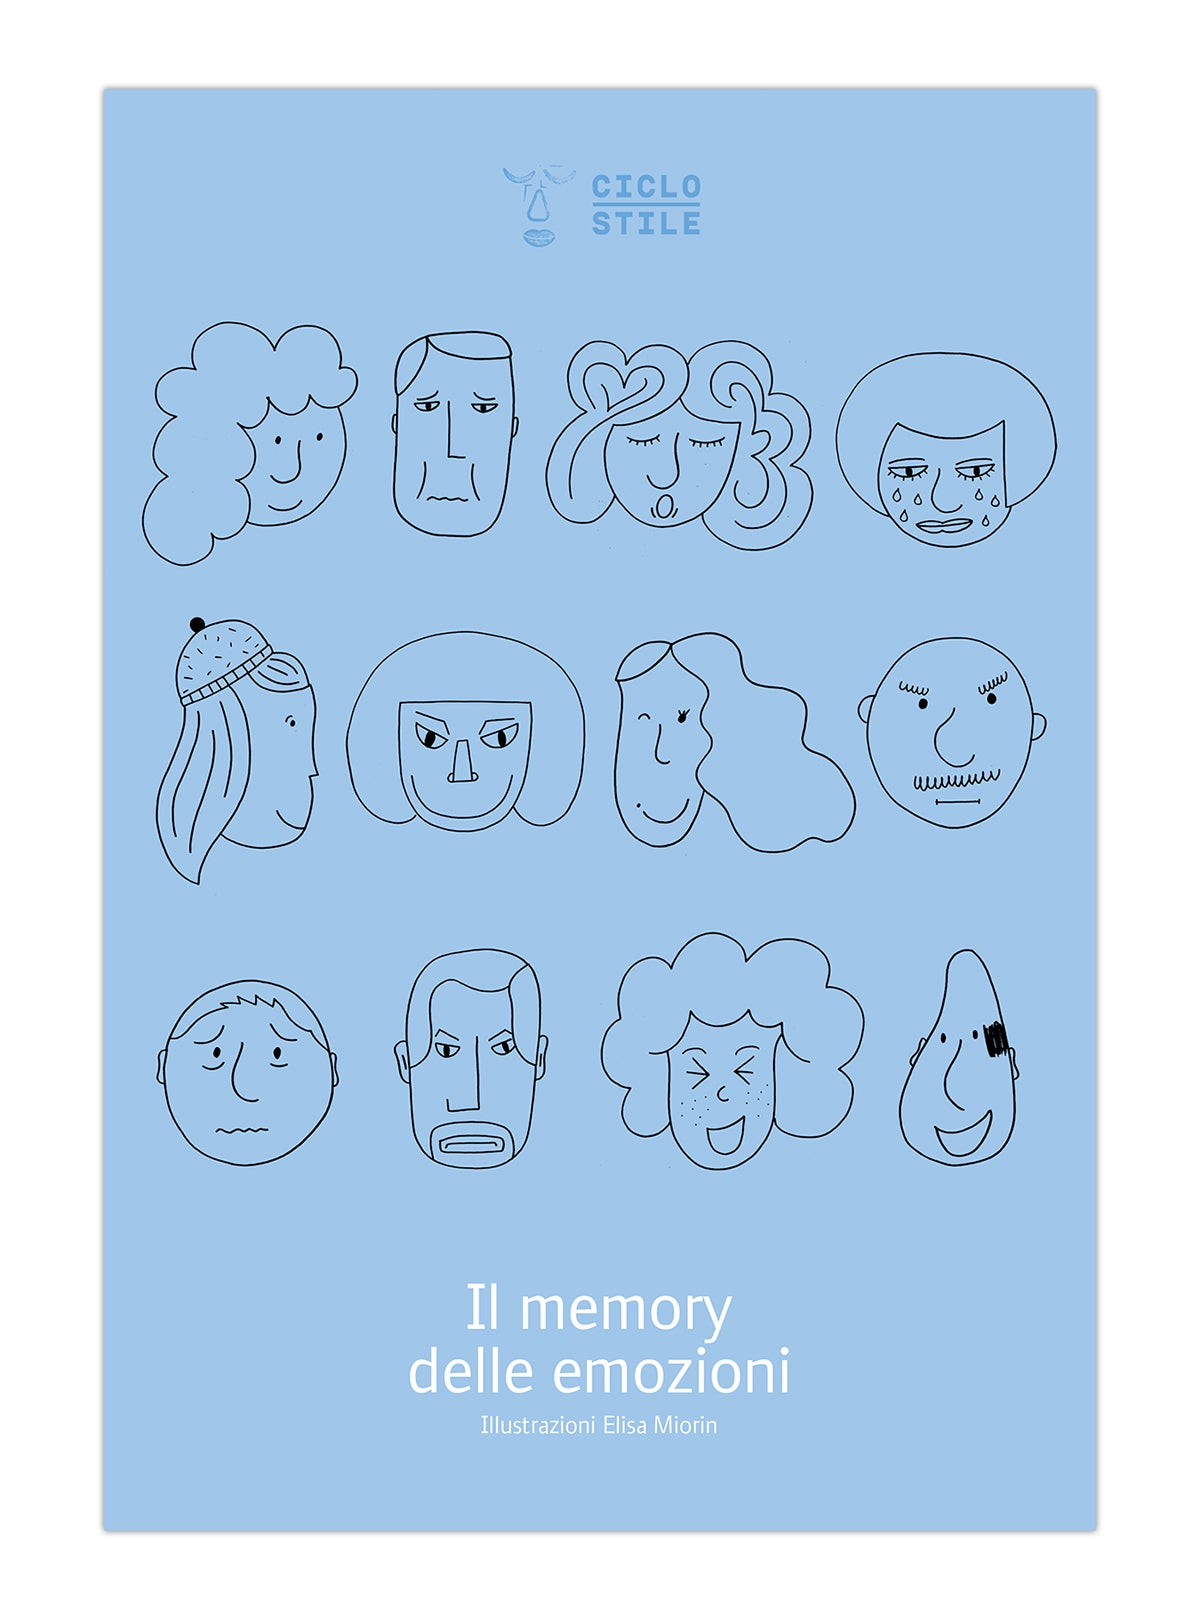 Image of Il memory delle emozioni